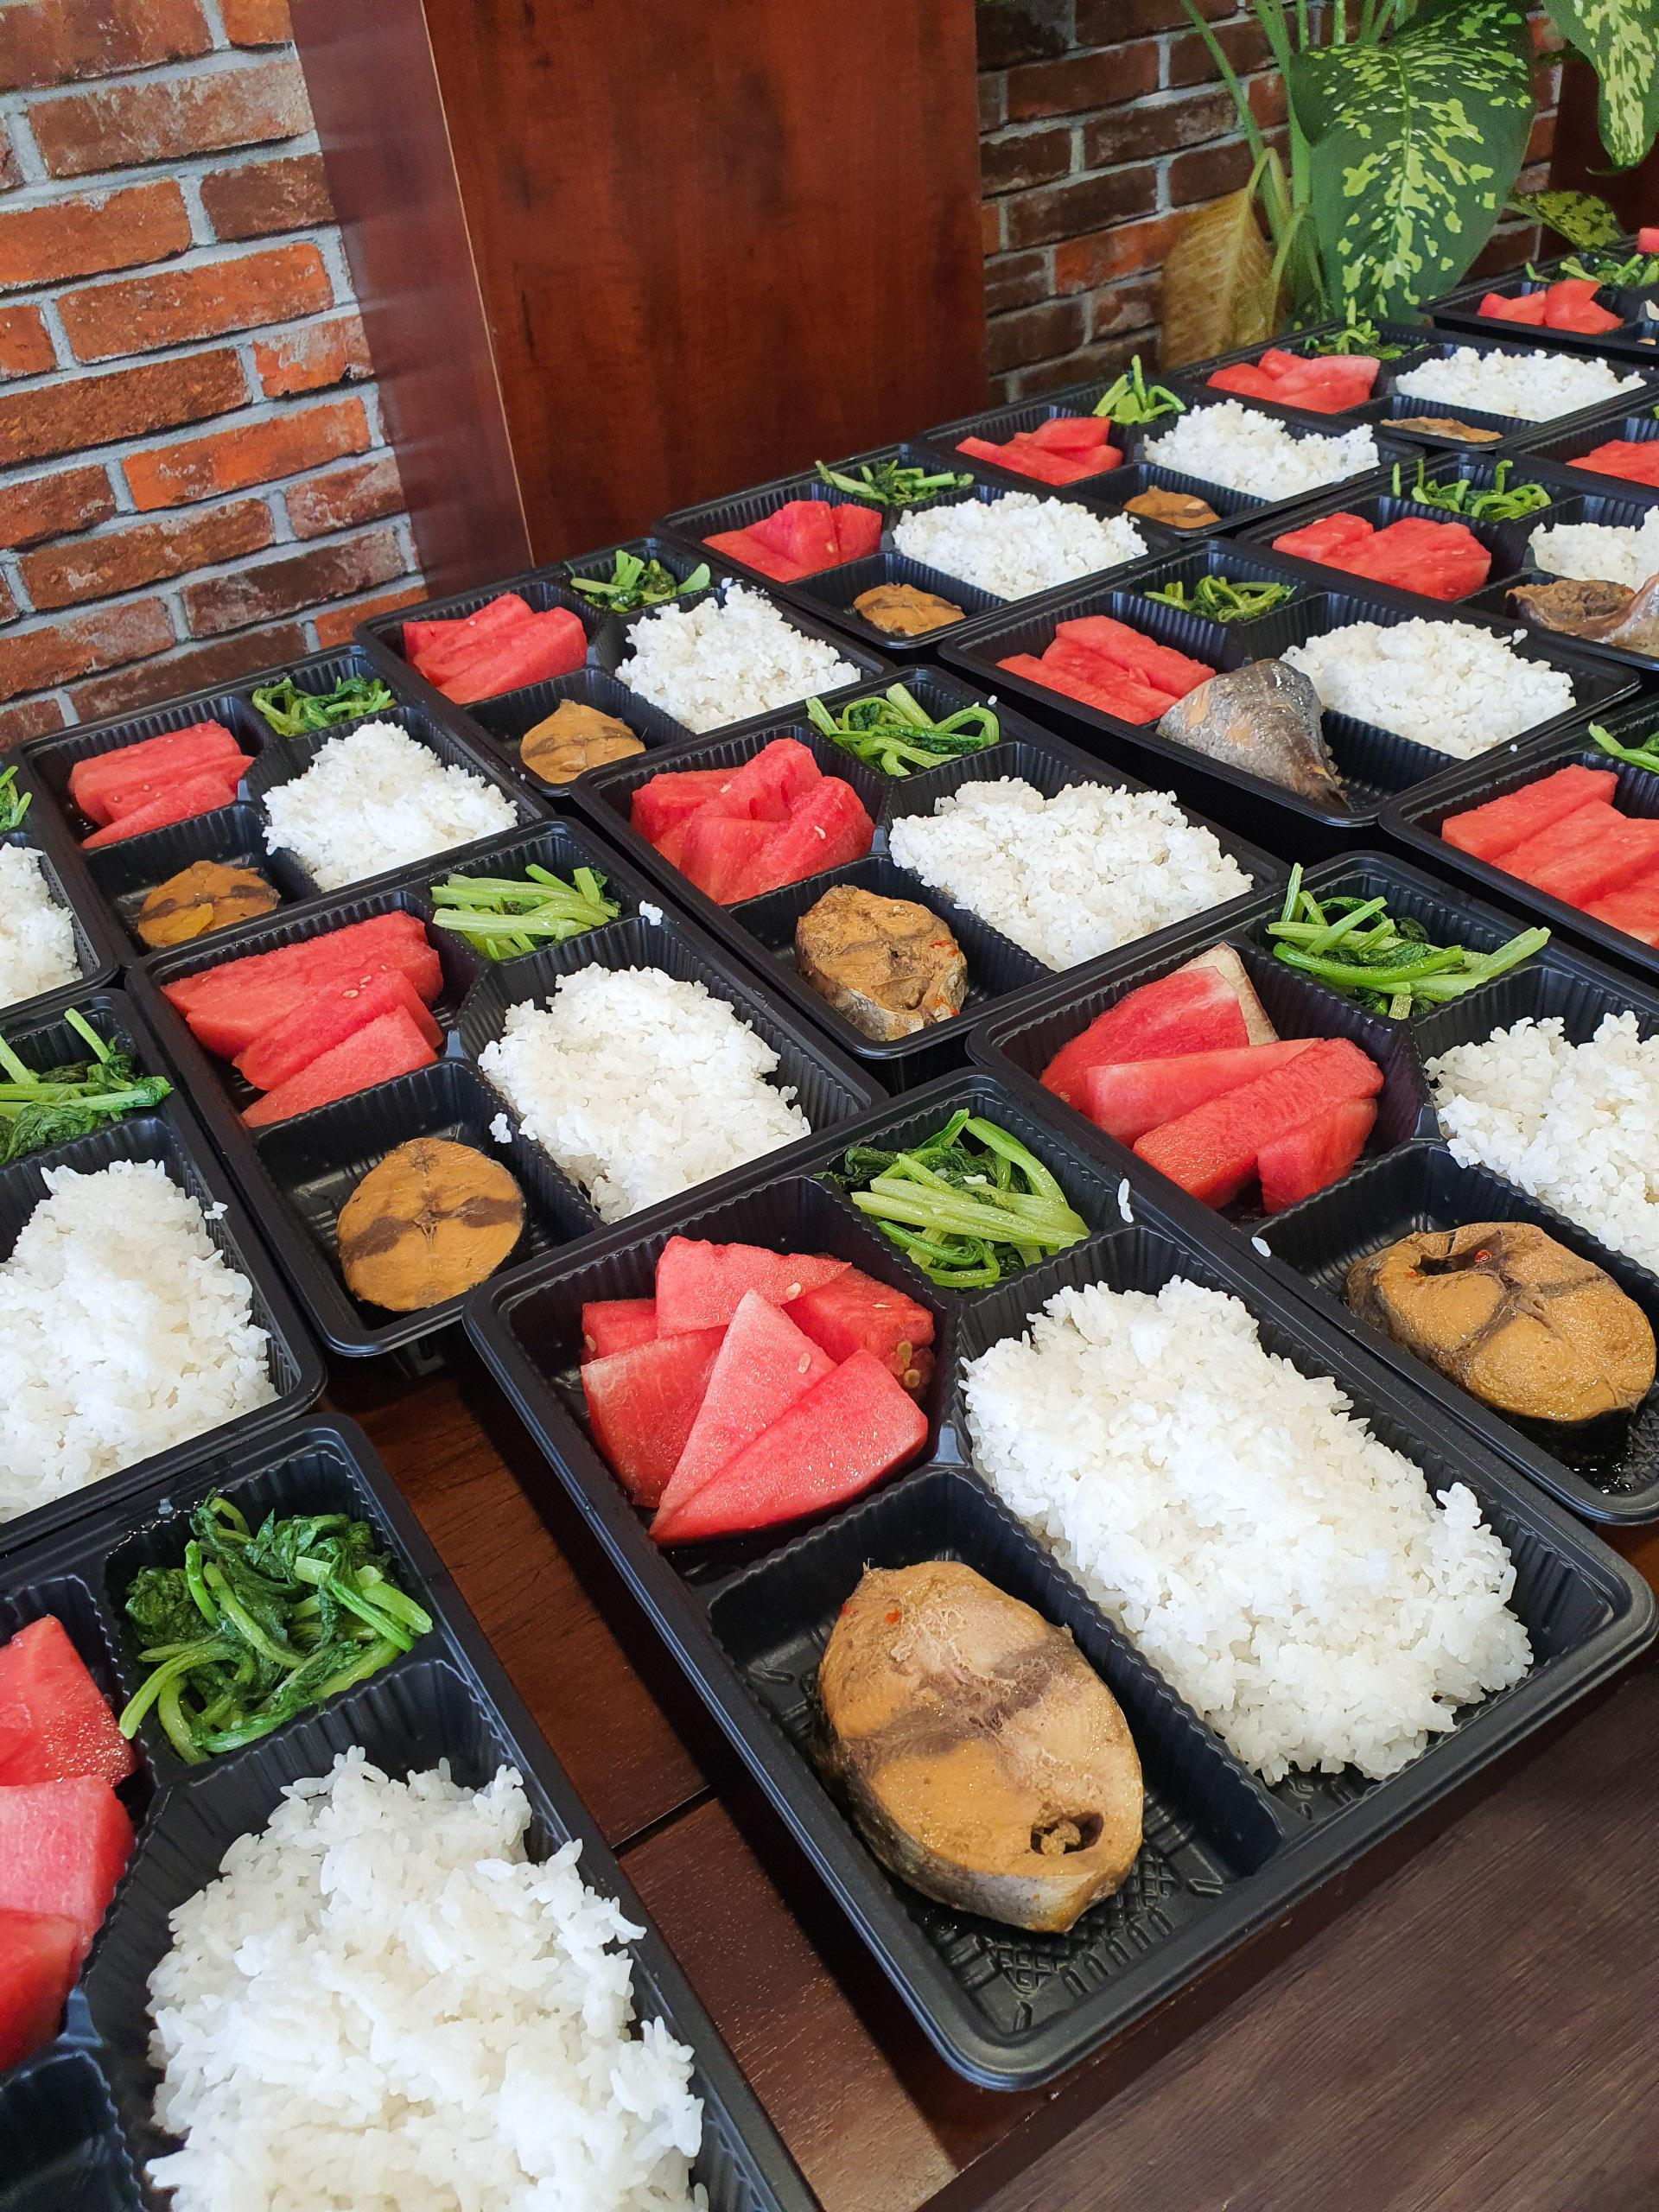 Nguyên liệu làm cơm được anh Hiền chọn mua từ những đối tác cung cấp thực phẩm cho nhà hàng của mình. Ảnh: Minh Hiền.